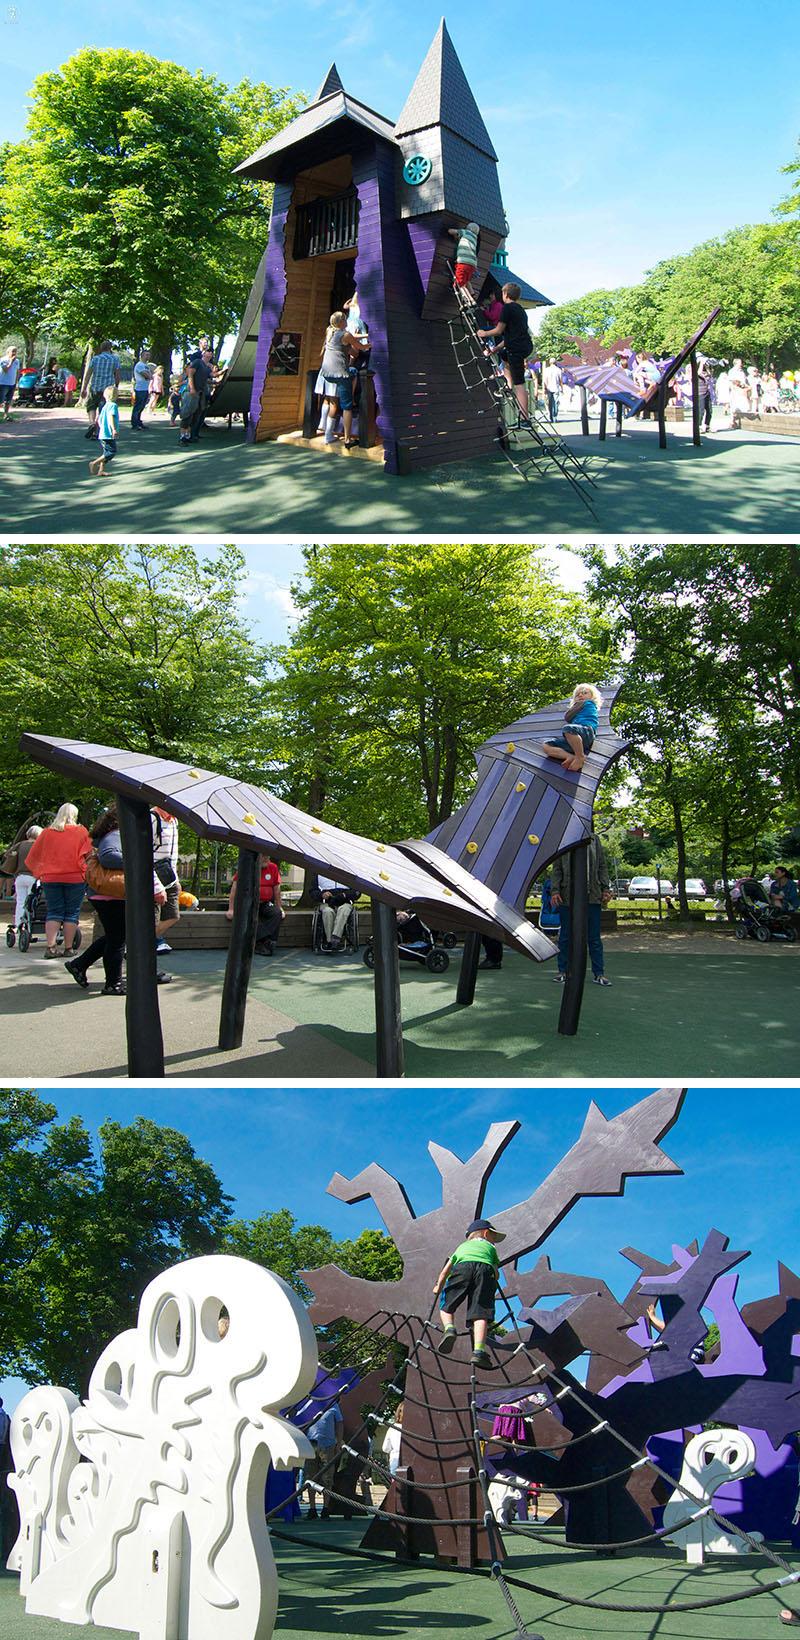 parques infantiles que gustaran tanto a pequeños y a adultos 6